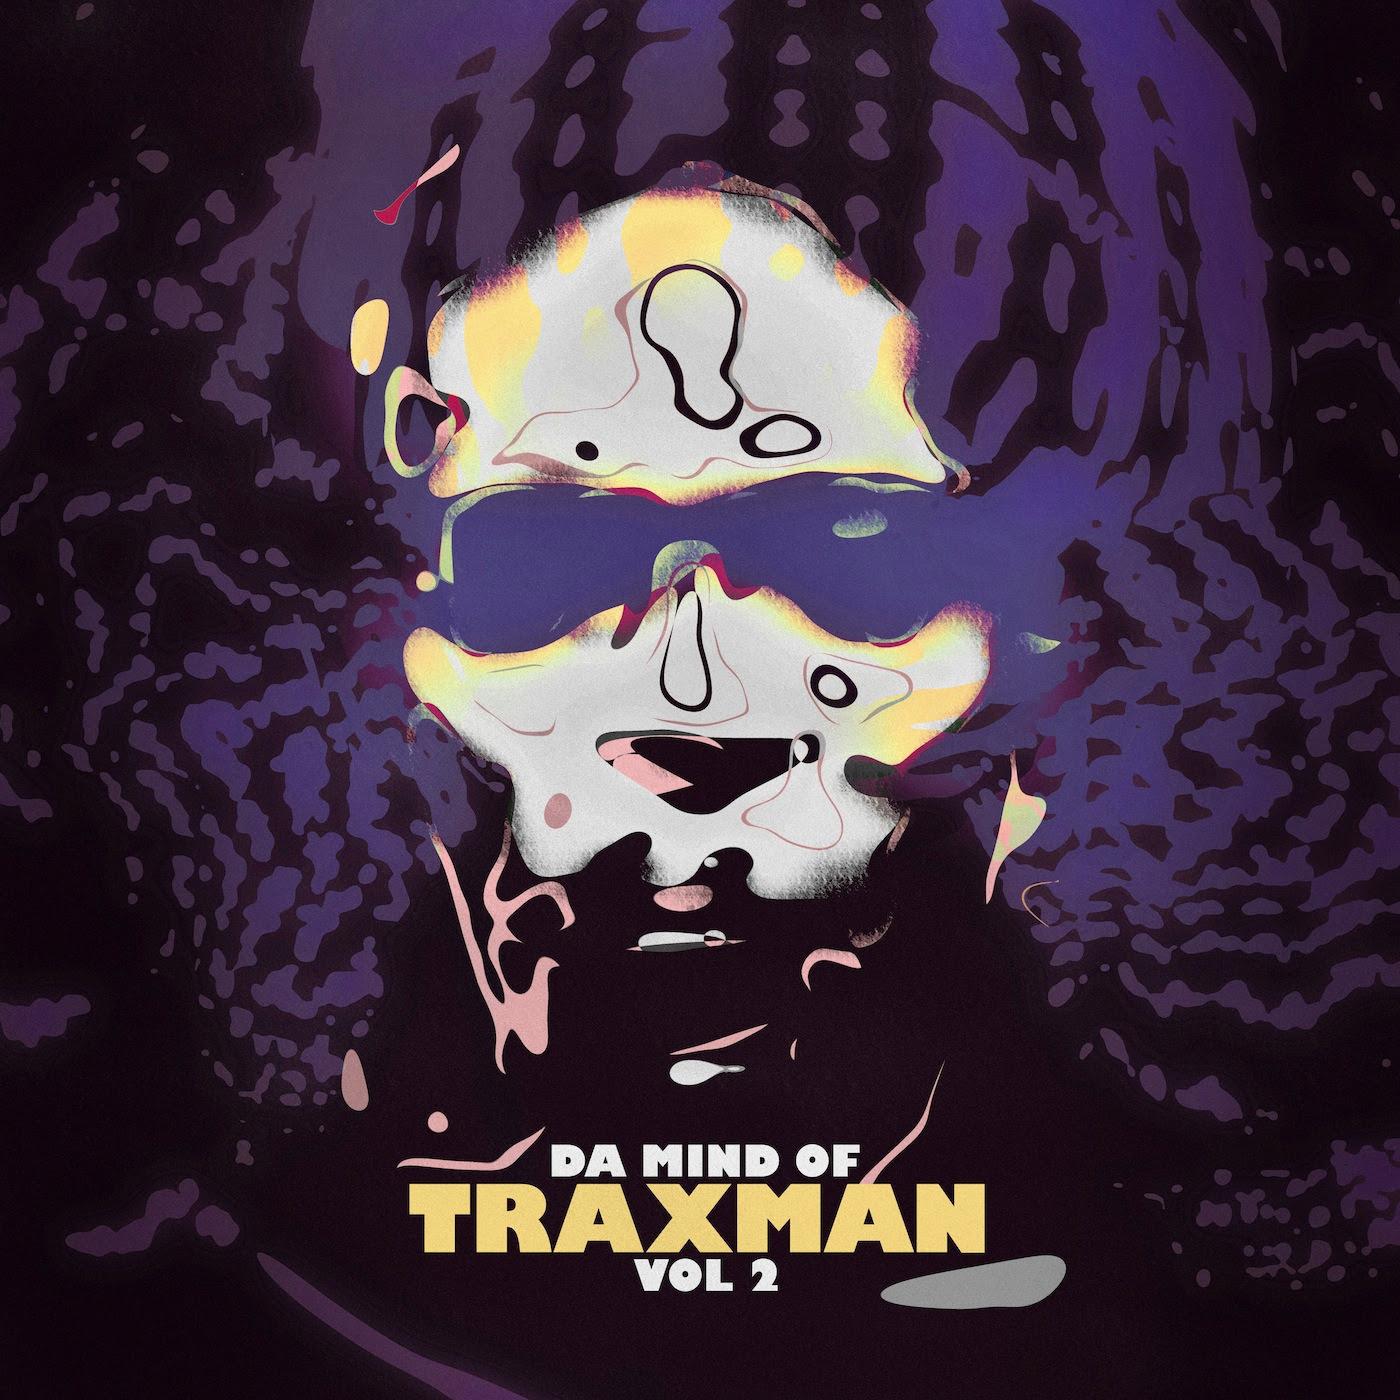 Da Mind of Traxman Vol. 2